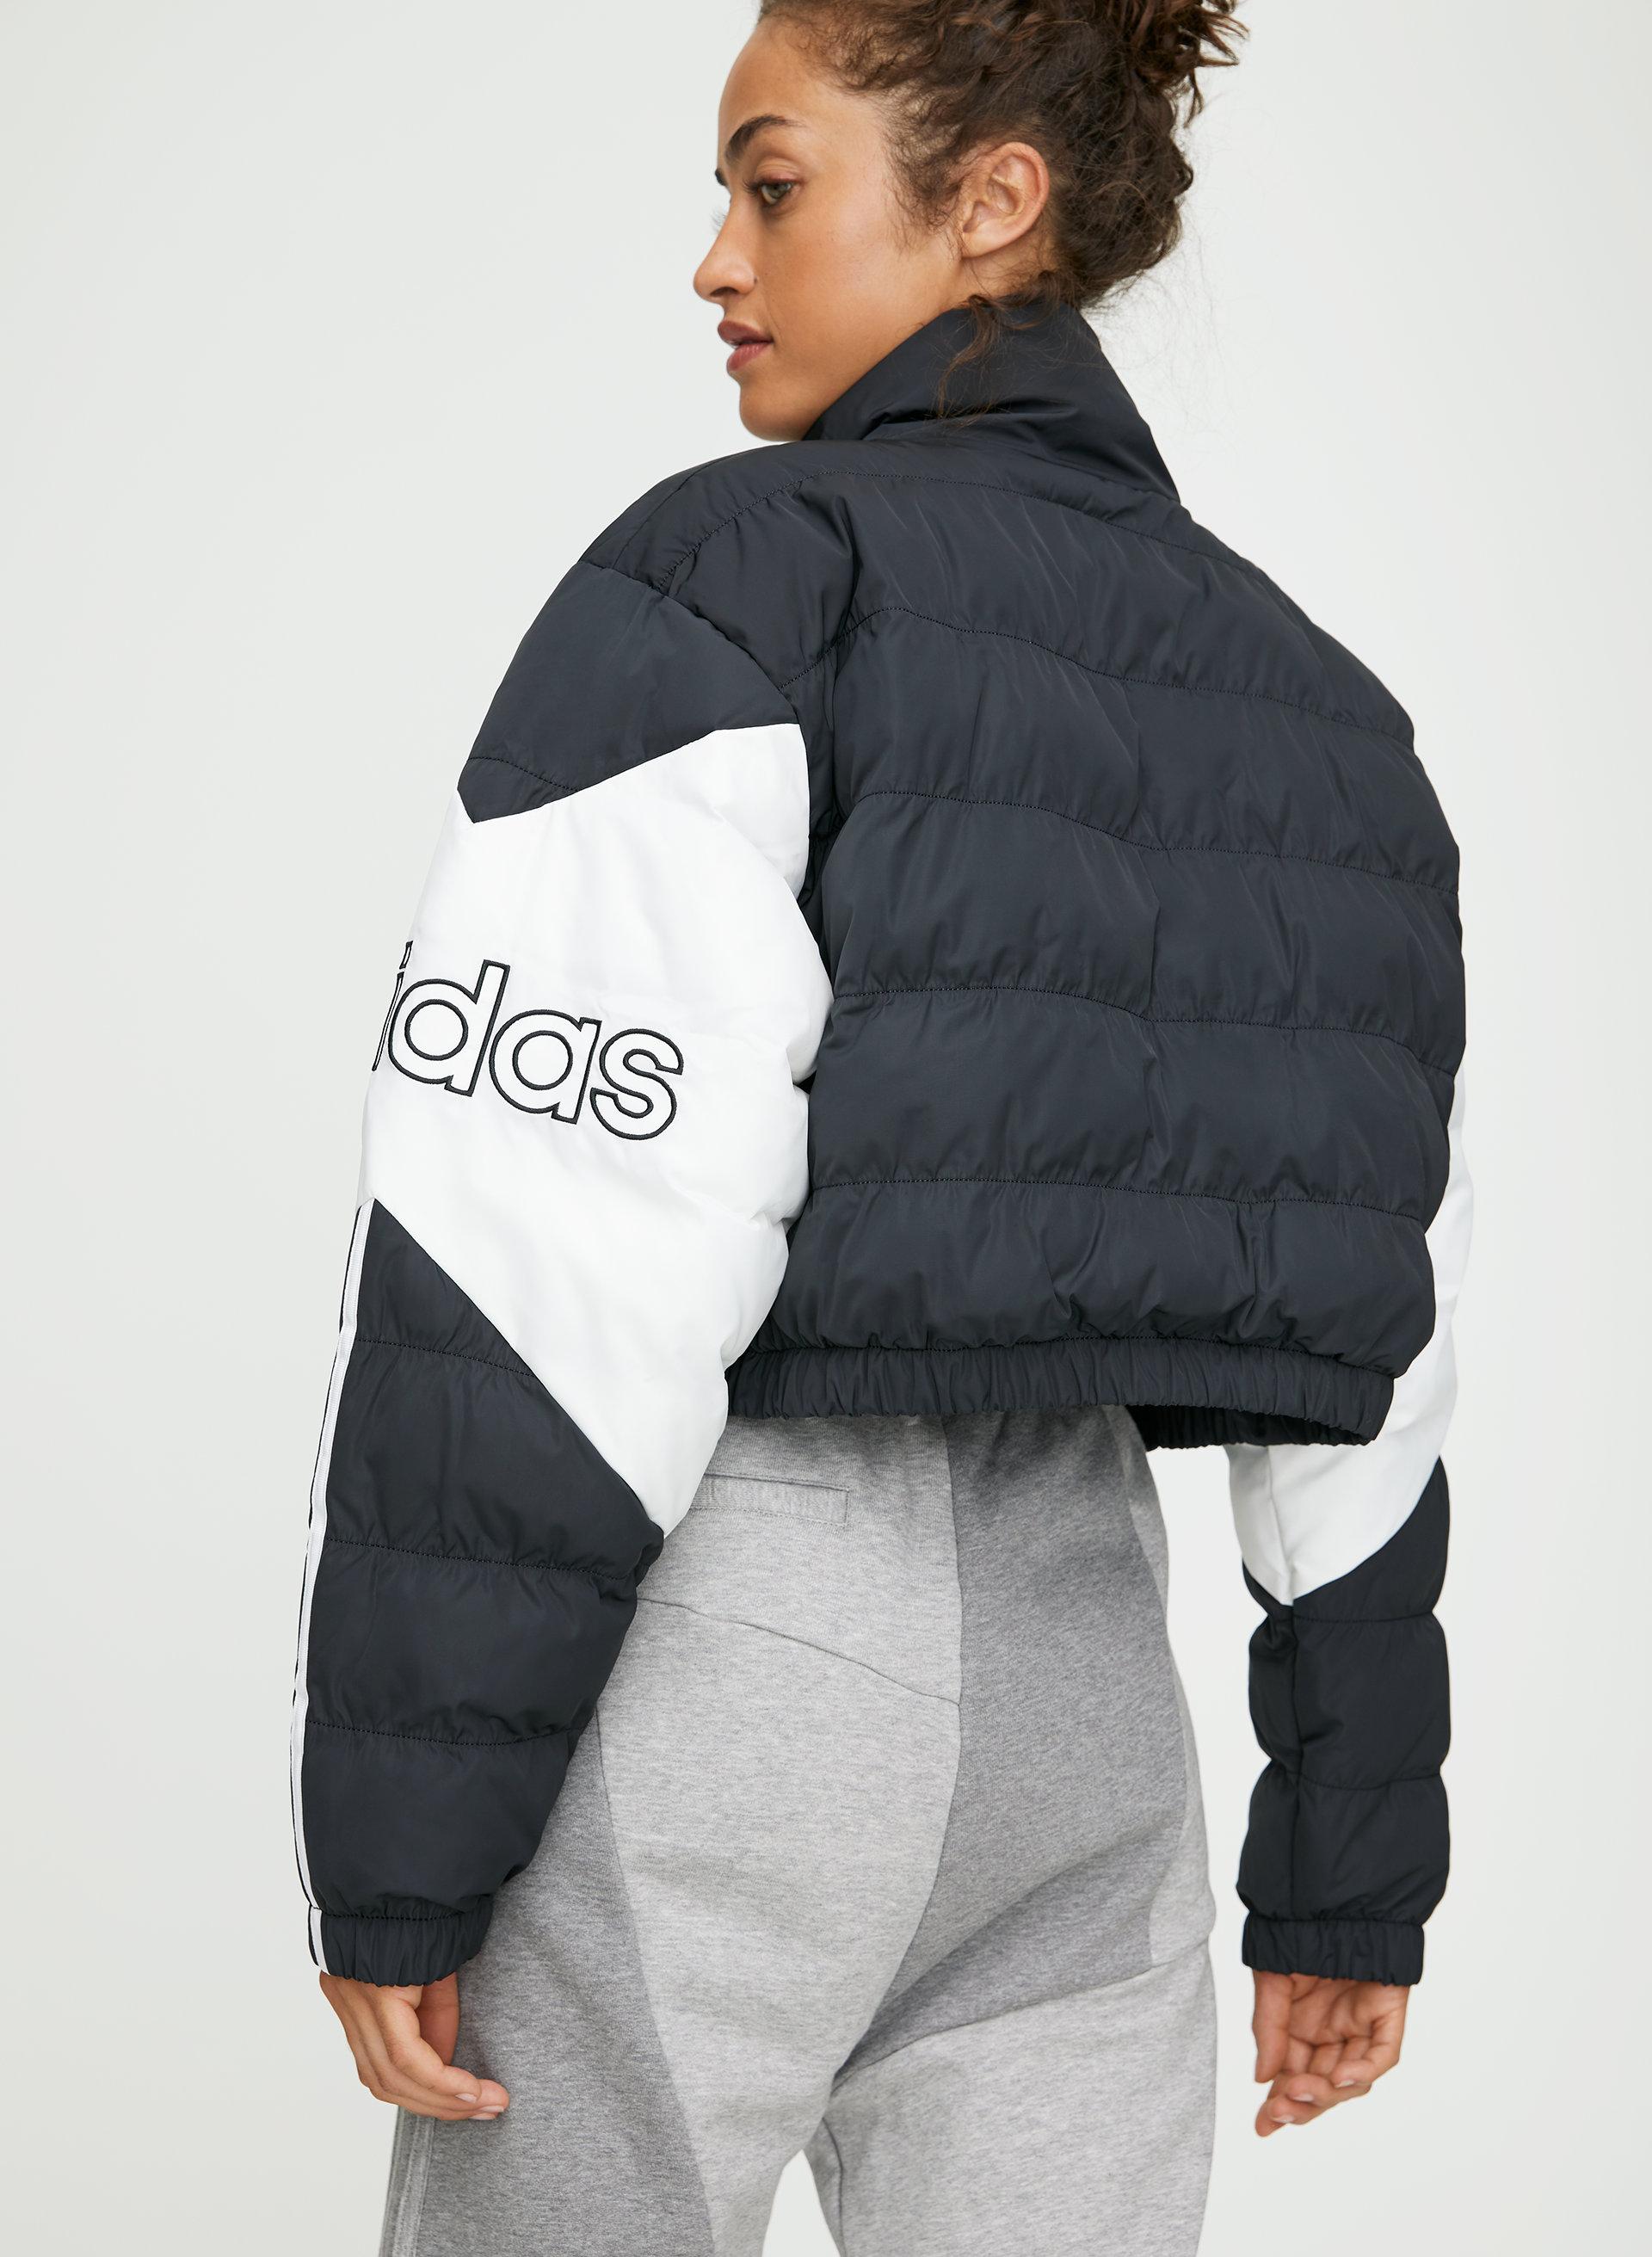 adidas Jackets & Coats | Neo Label Puffer Jacket | Poshmark